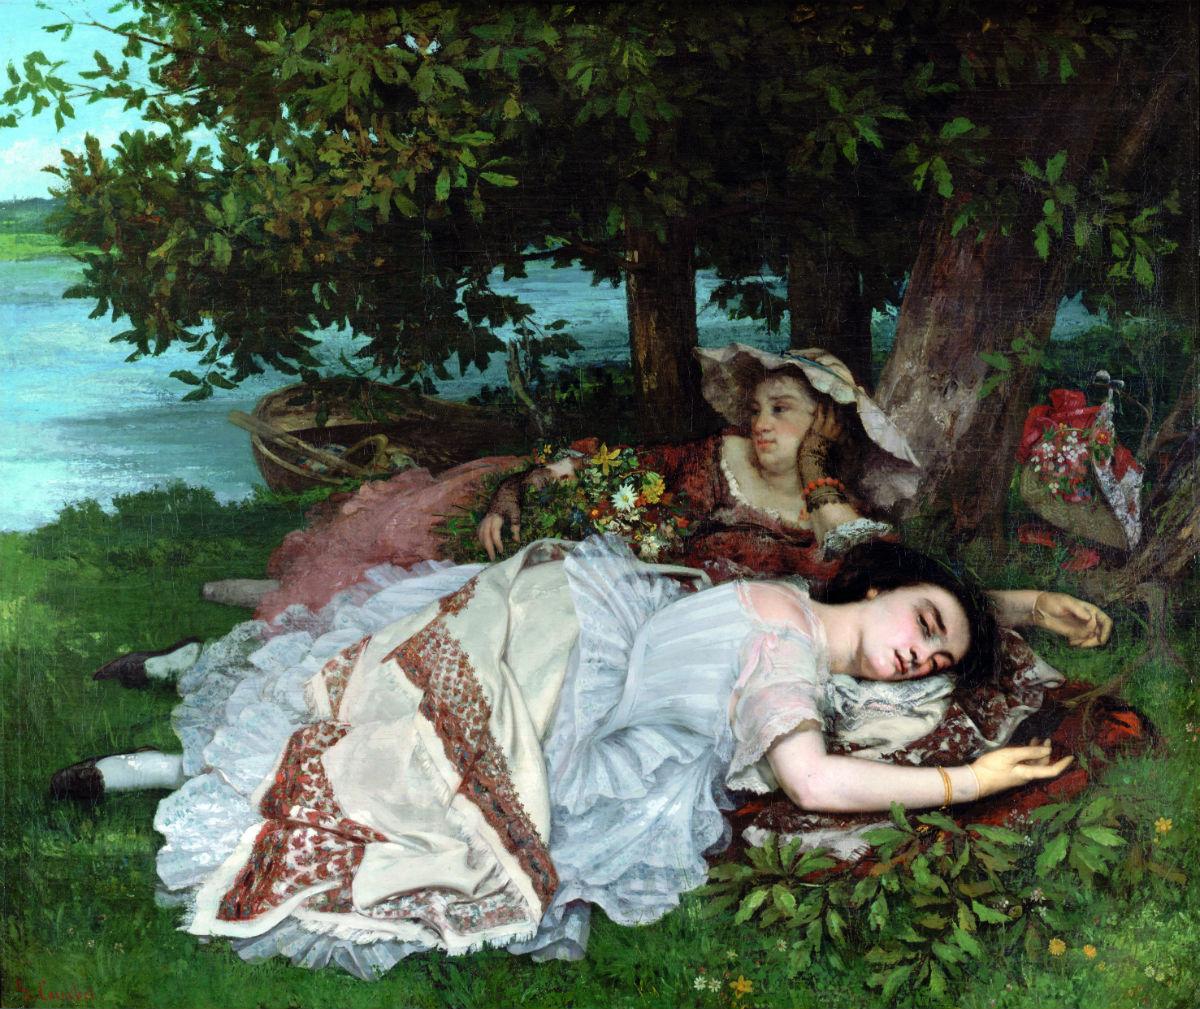 Gustave Courbet - Fanciulle sulle rive della Senna (estate), 1857 Olio su tela, cm 174 x 206 Parigi, Petit Palais, Musée des Beaux-Arts de la Ville de Paris